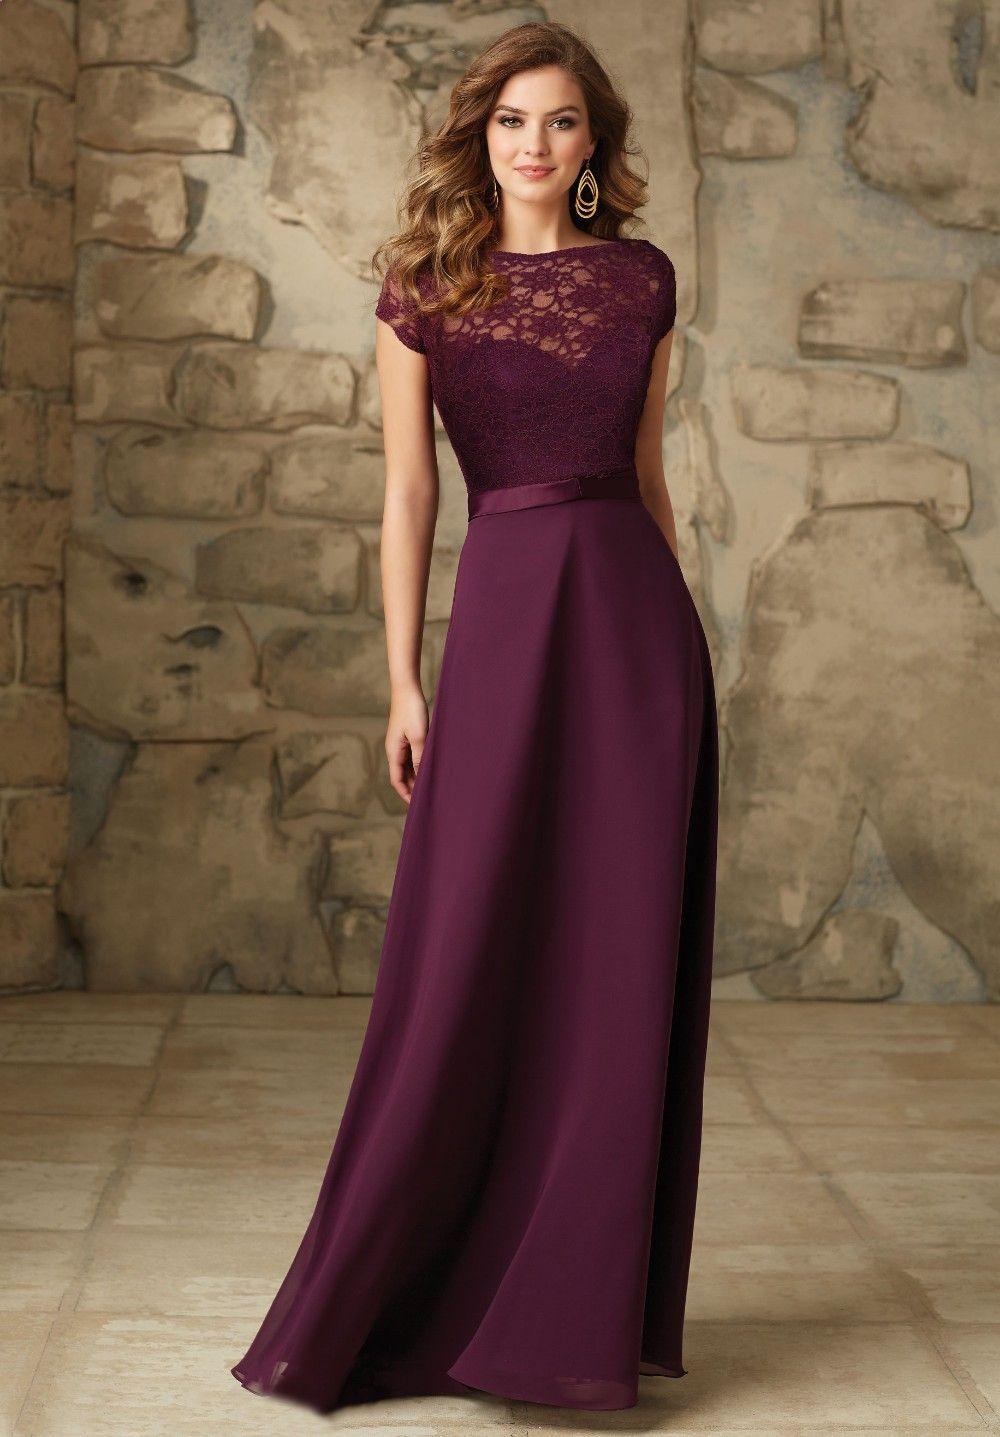 Encontrar más vestidos de noche información acerca de uvas moradas